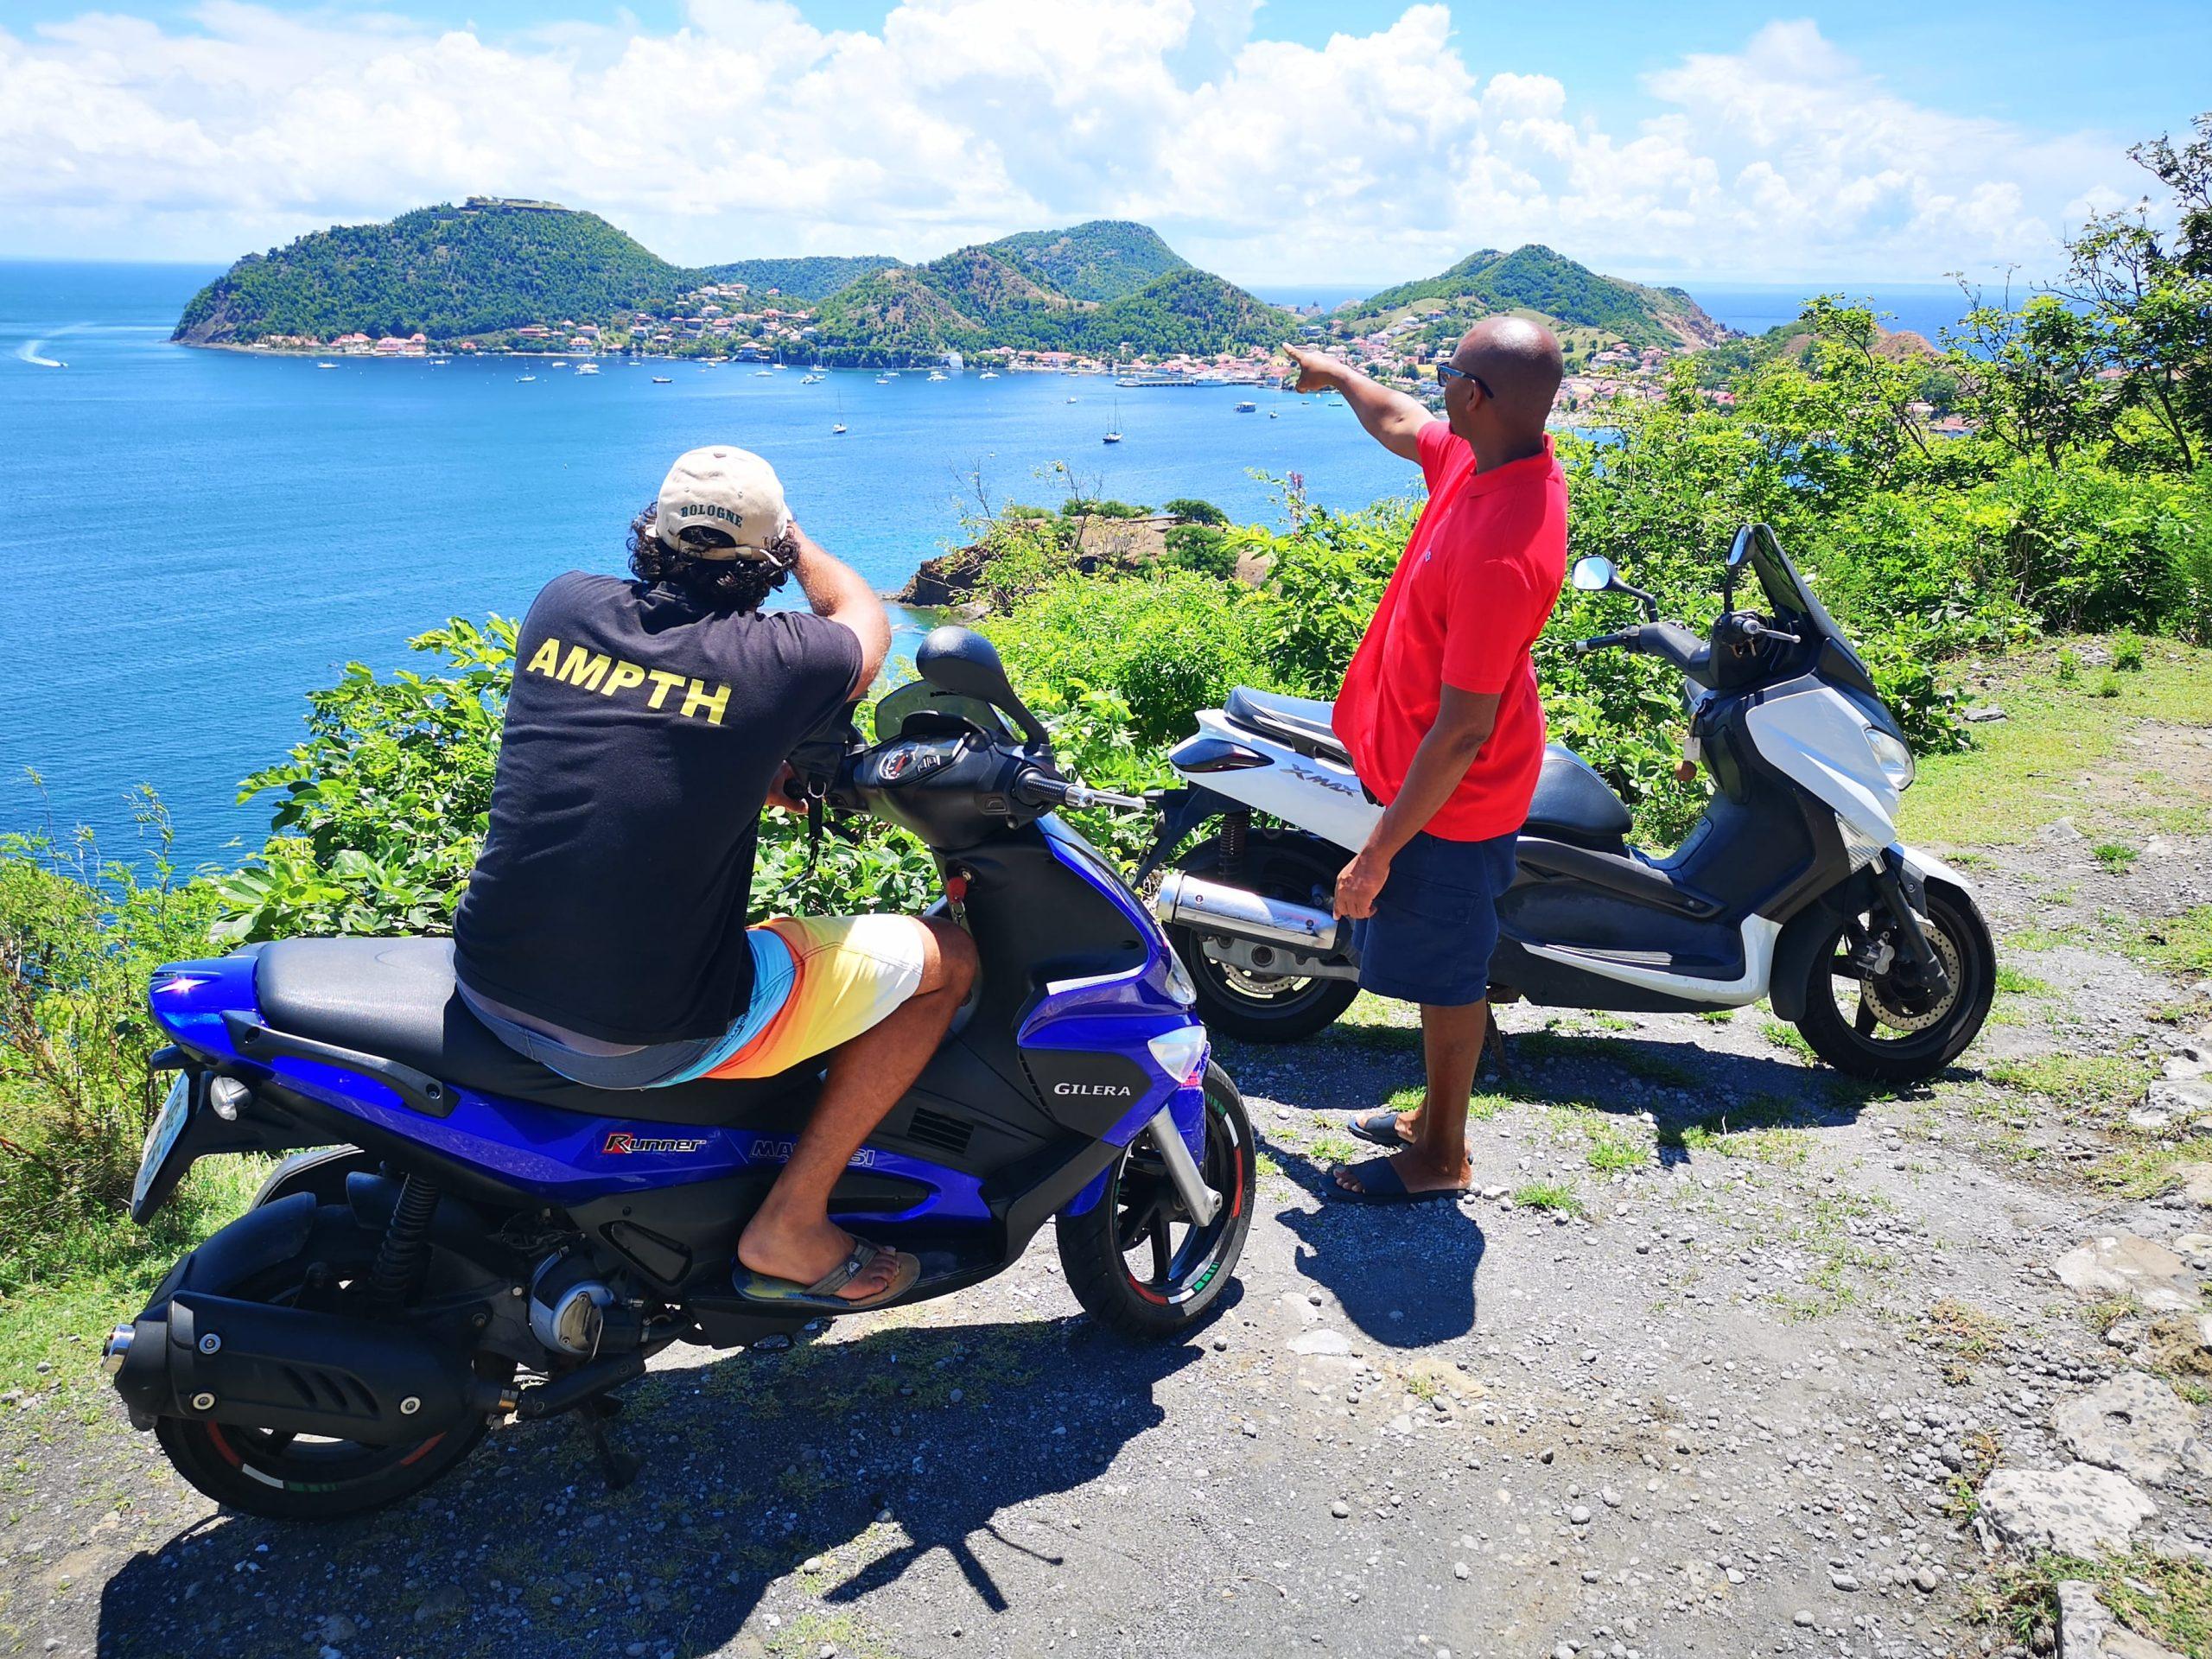 Touristes ayant loué des scooters devant la Baie des Saintes